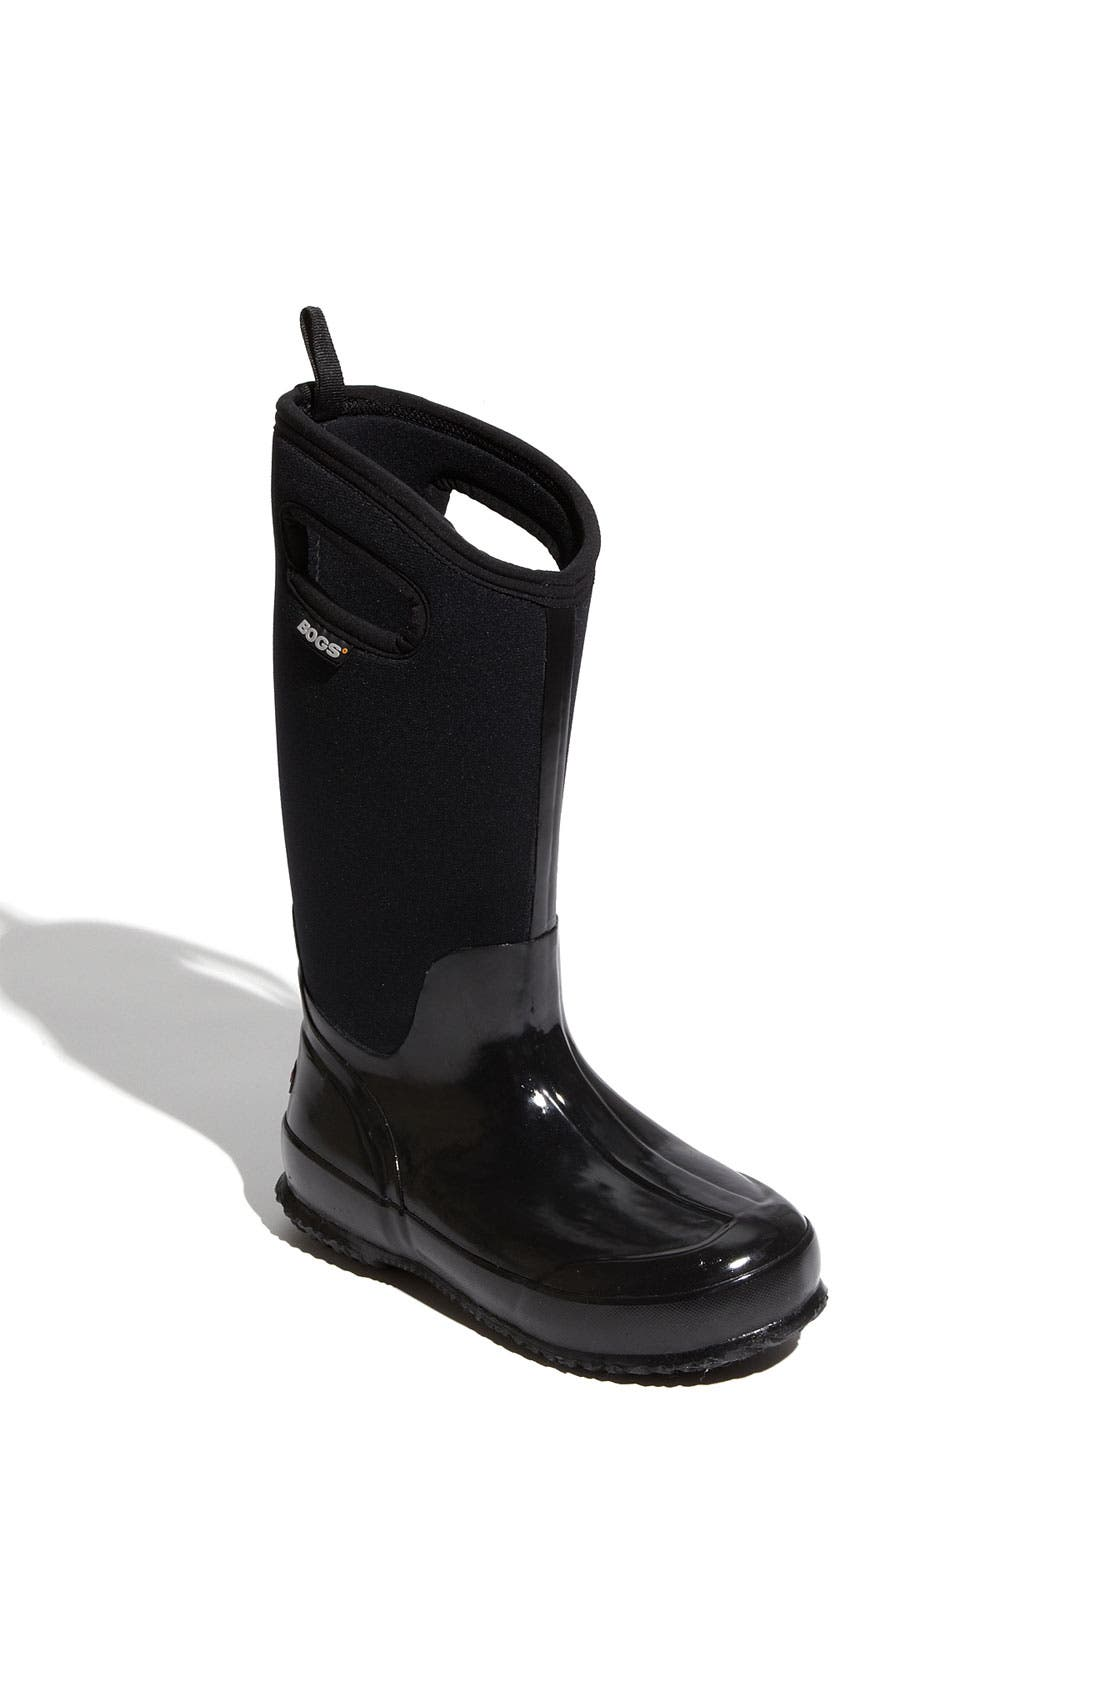 BOGS 'Classic' Tall Rain Boot